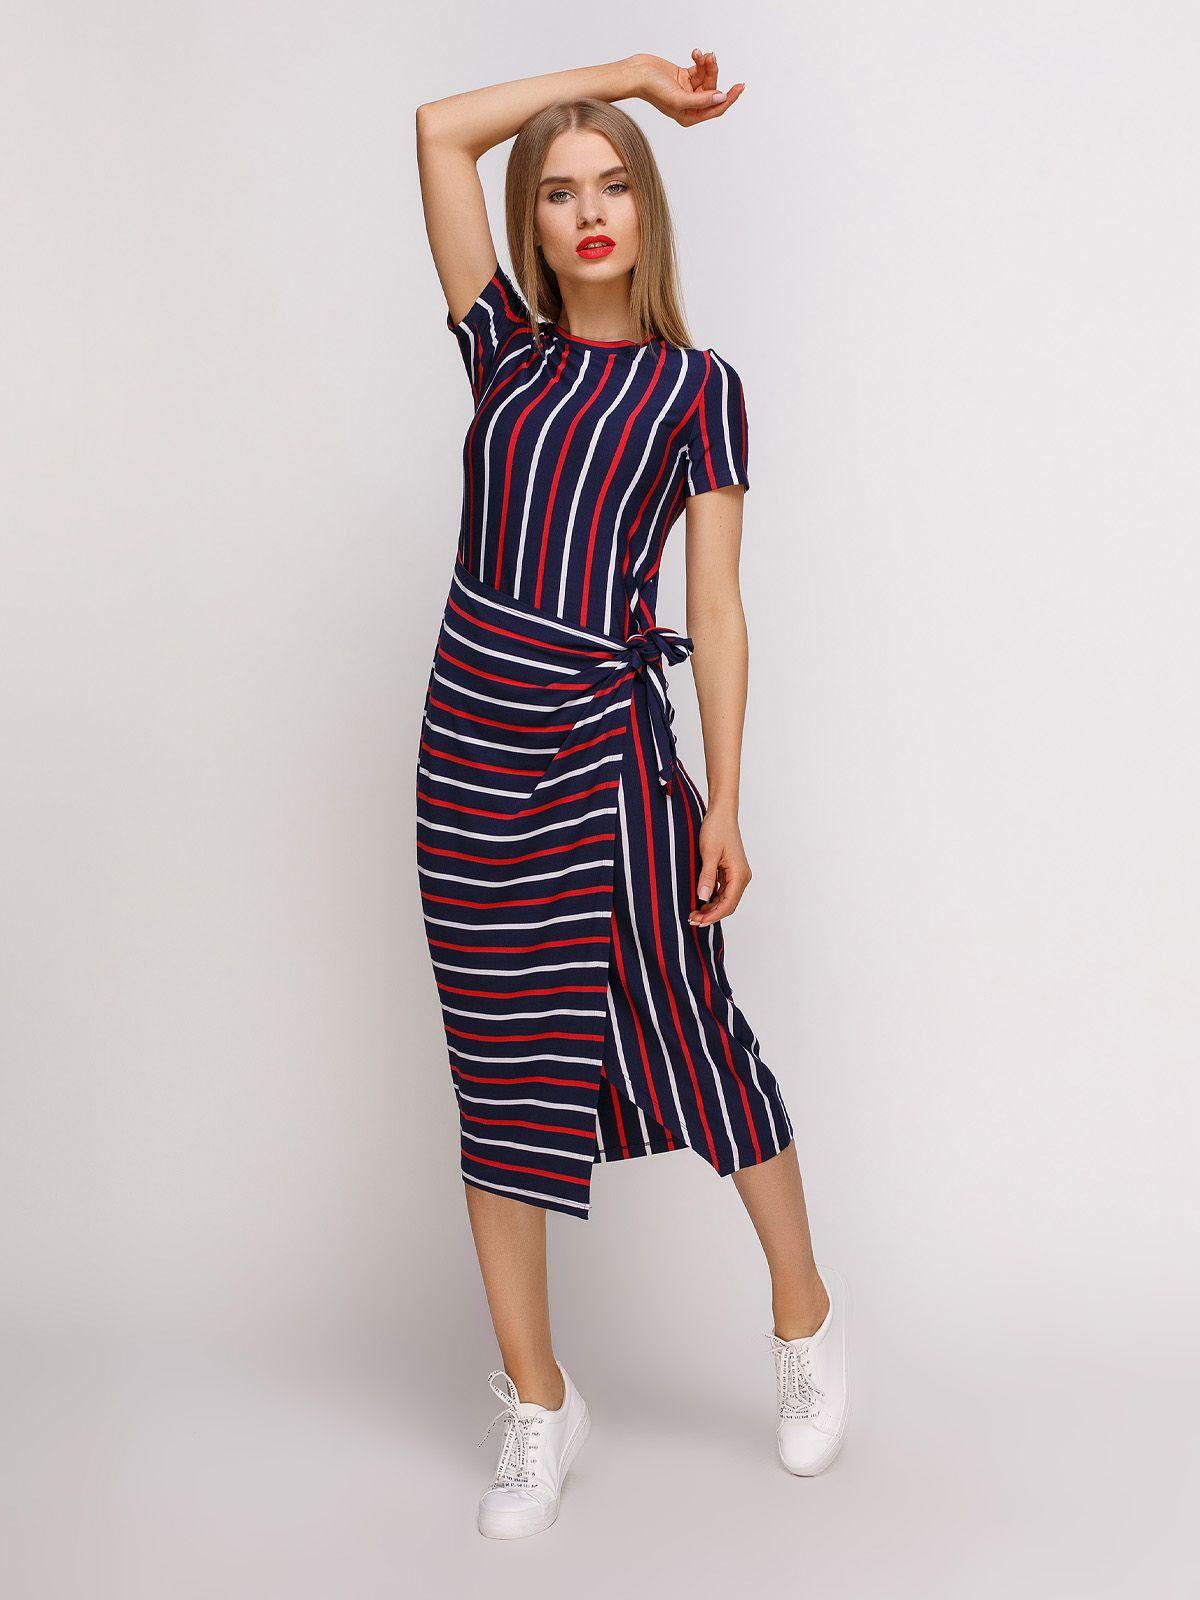 5b6e55aed670 Платье синее в полоску. Торговая марка: Loca. Вариант: Женское ...